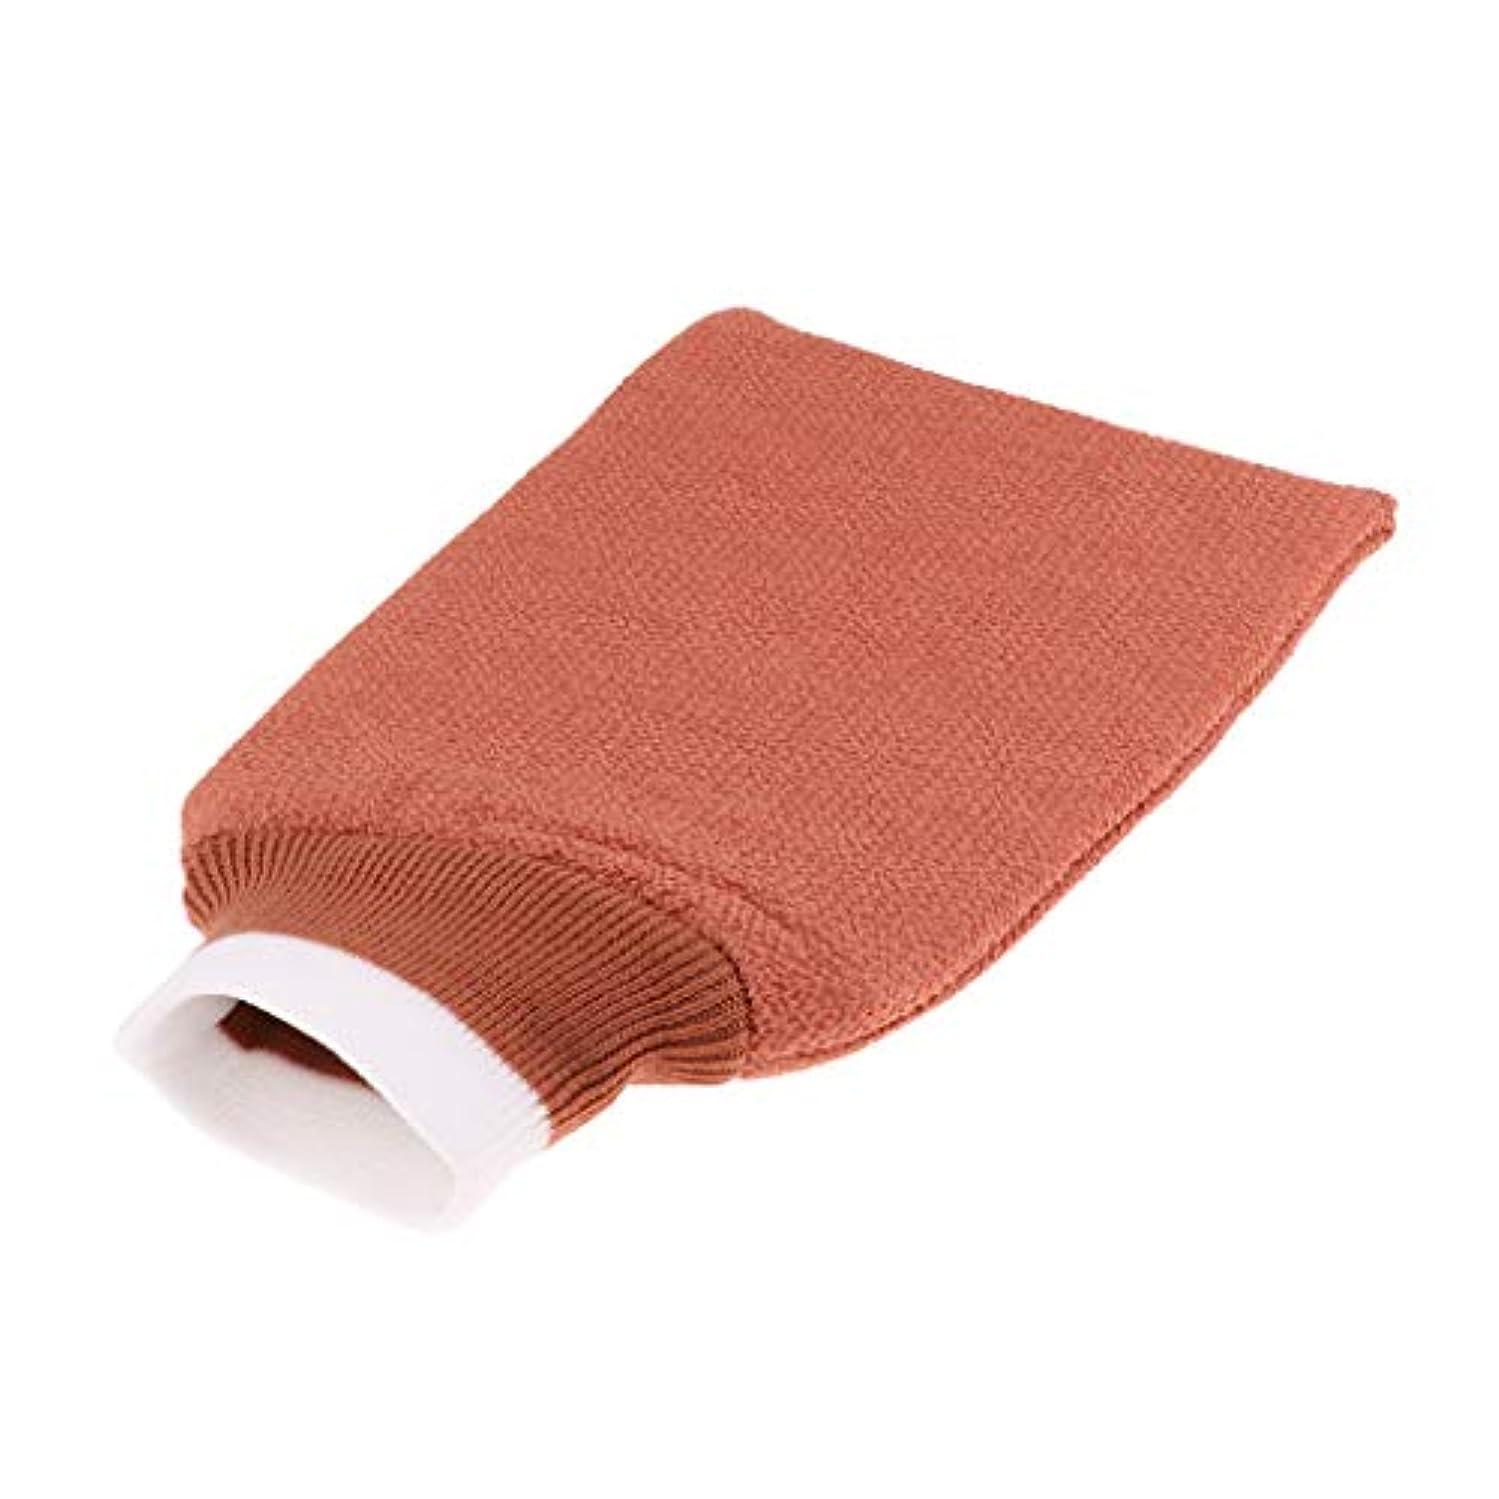 ピザ国籍ただバスグローブ 浴用手袋 シャワー用 バスミット 垢すり手袋 毛穴清潔 角質除去 男女兼用 全3色 - シャンパン